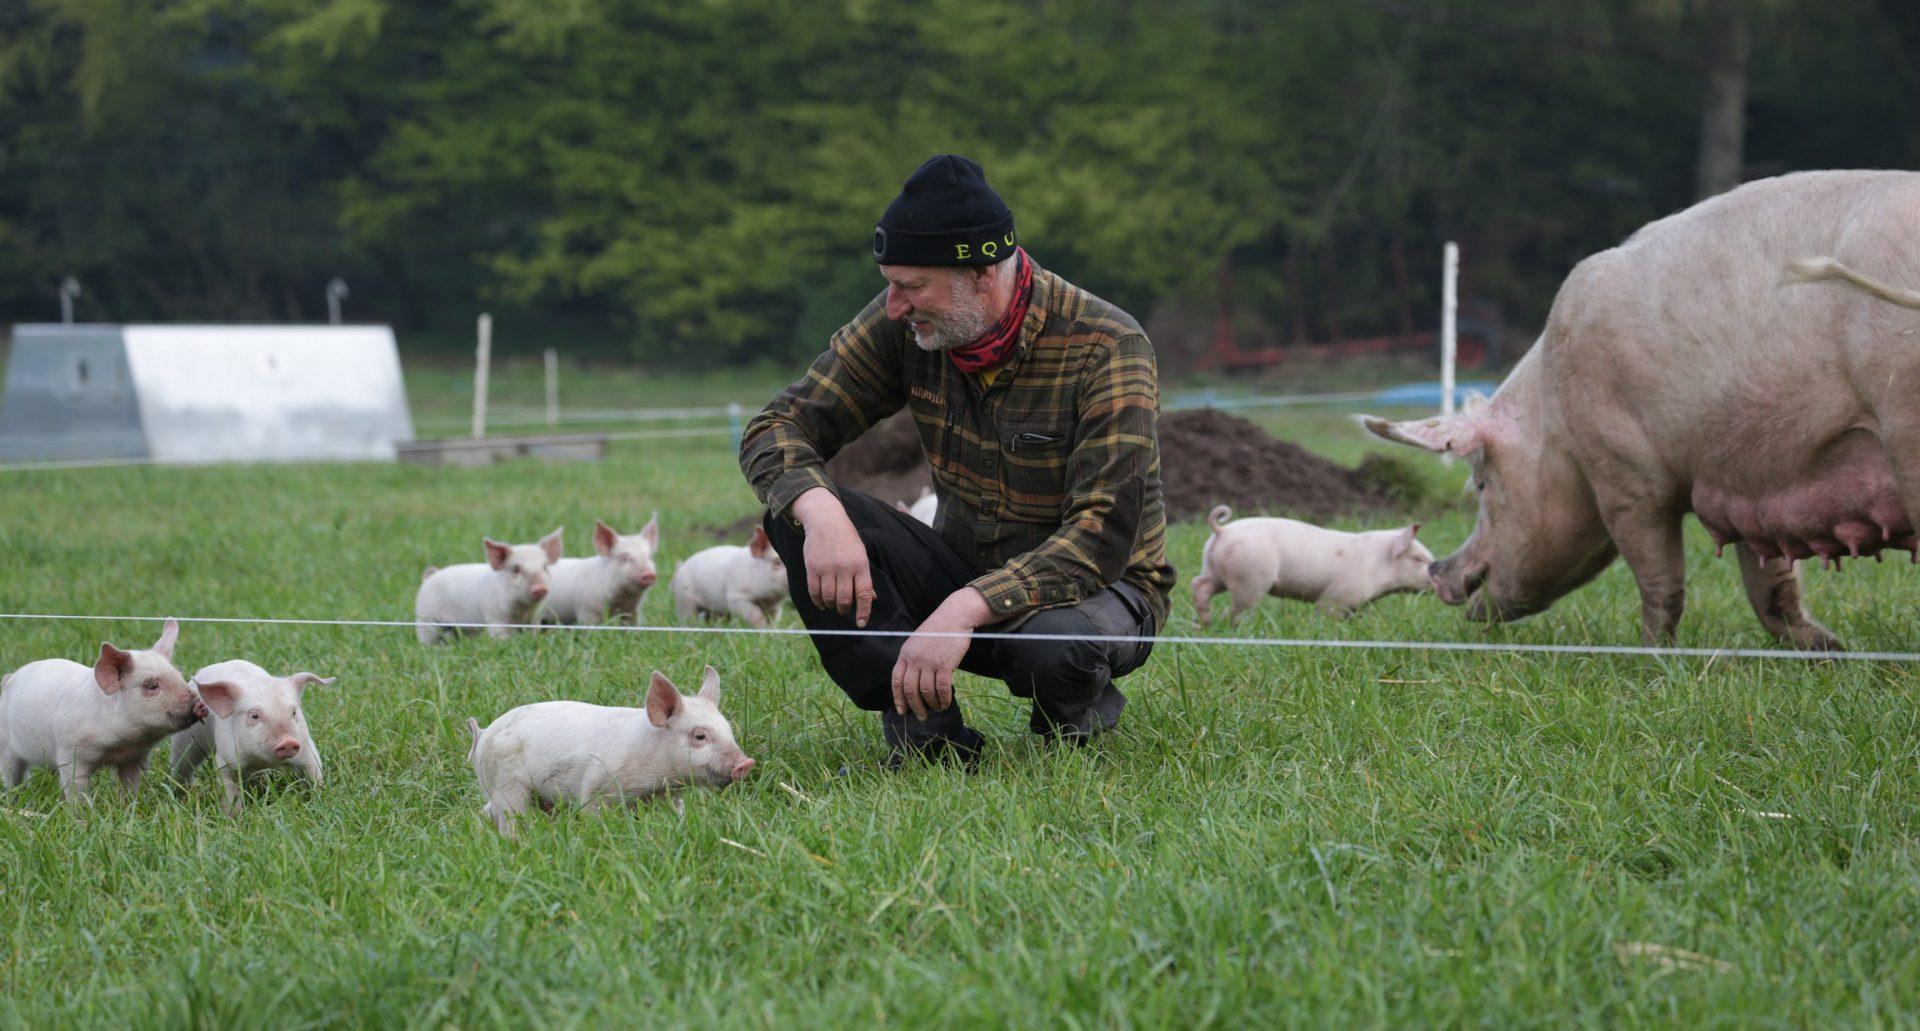 Verdensmester i økologi: Salget af økologi boomer – bare ikke for grisekød og fjerkræ